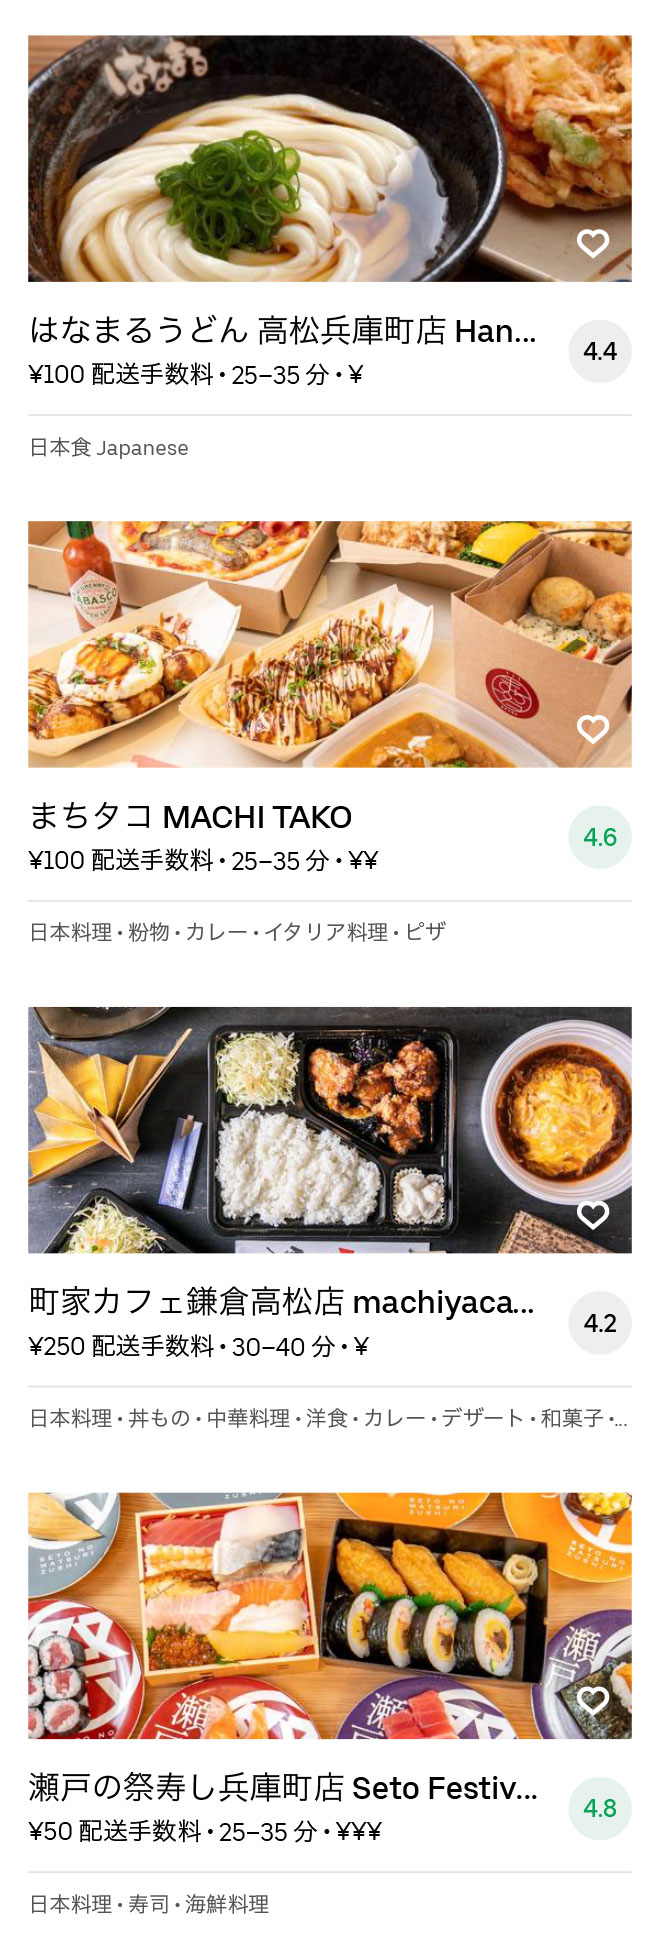 Katahara machi menu 2008 05